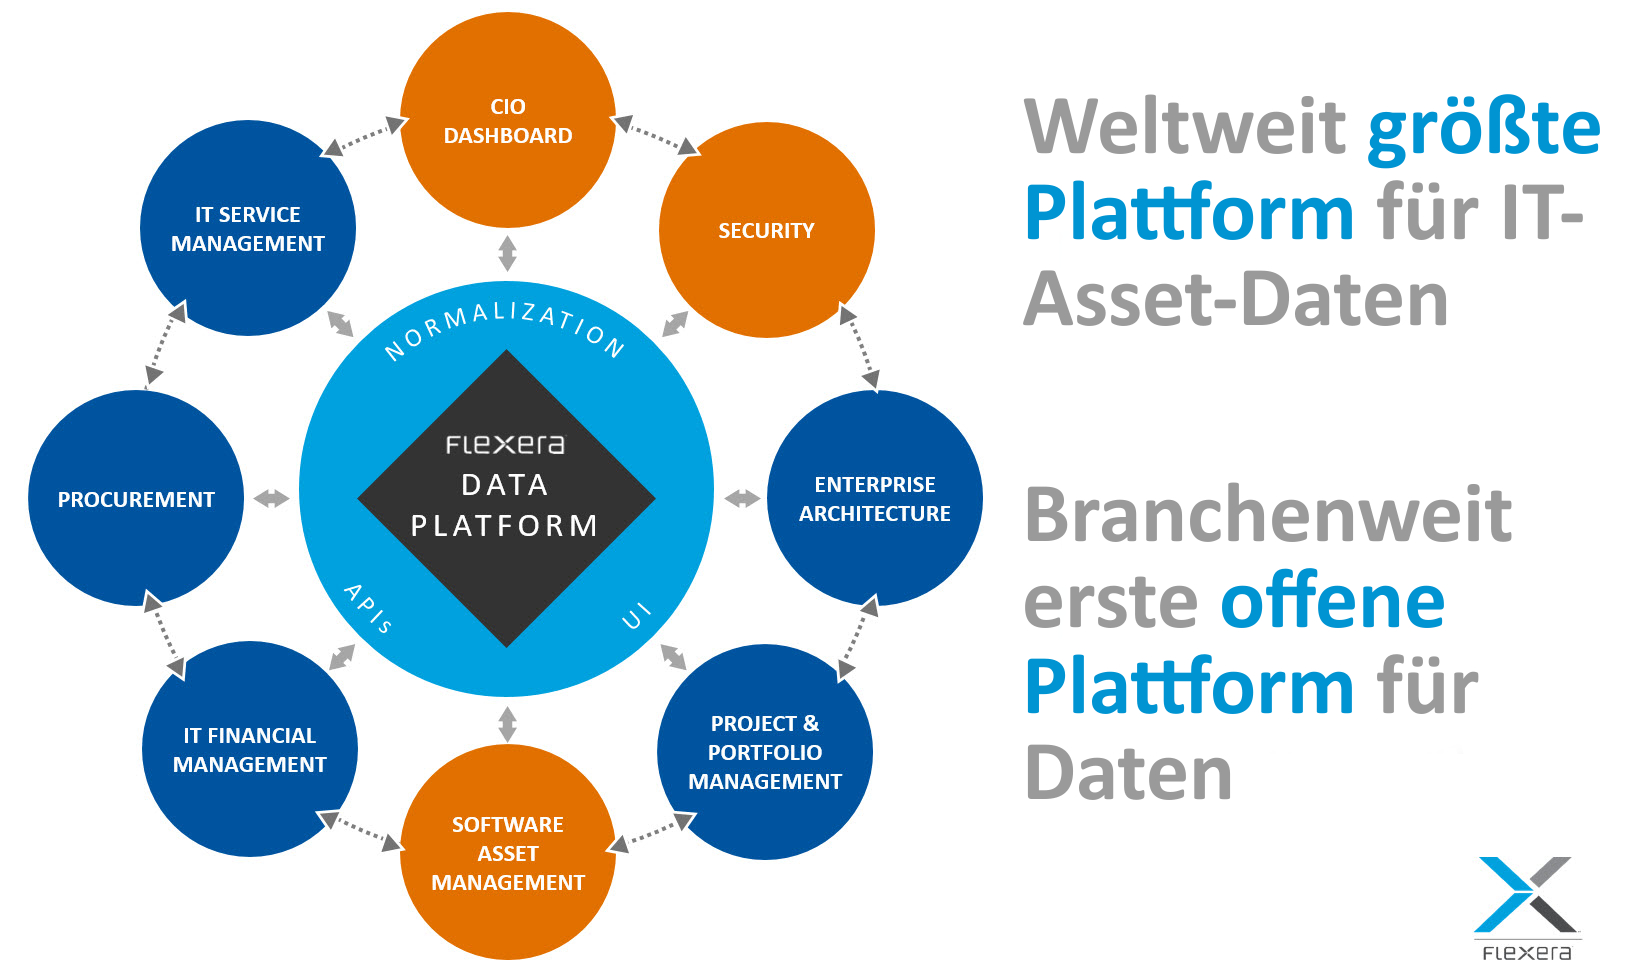 Flexera kündigt Übernahme von BDNA an und präsentiert die weltweit größte Plattform für IT-Asset-Daten